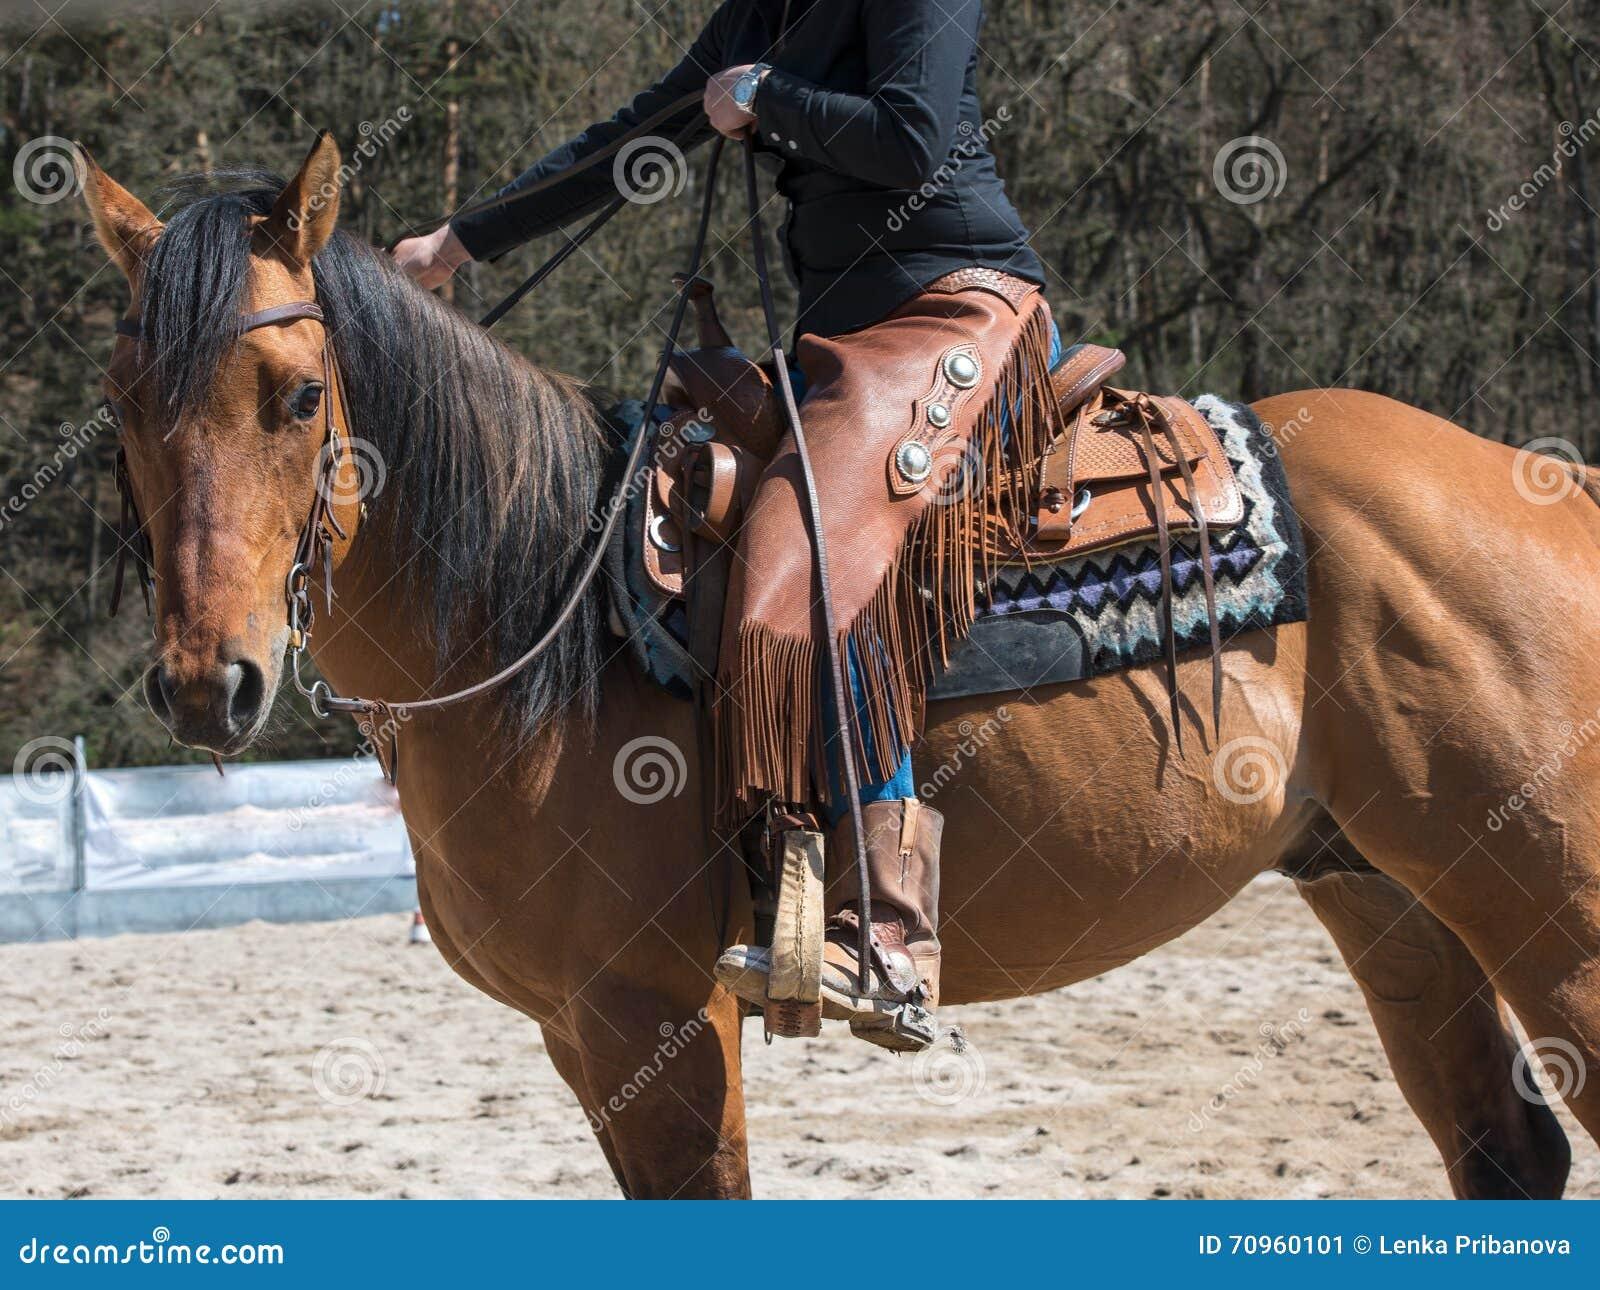 Rodeo A Cavallo.Cavallo Di Tha Con L Attrezzatura Del Rodeo Immagine Stock